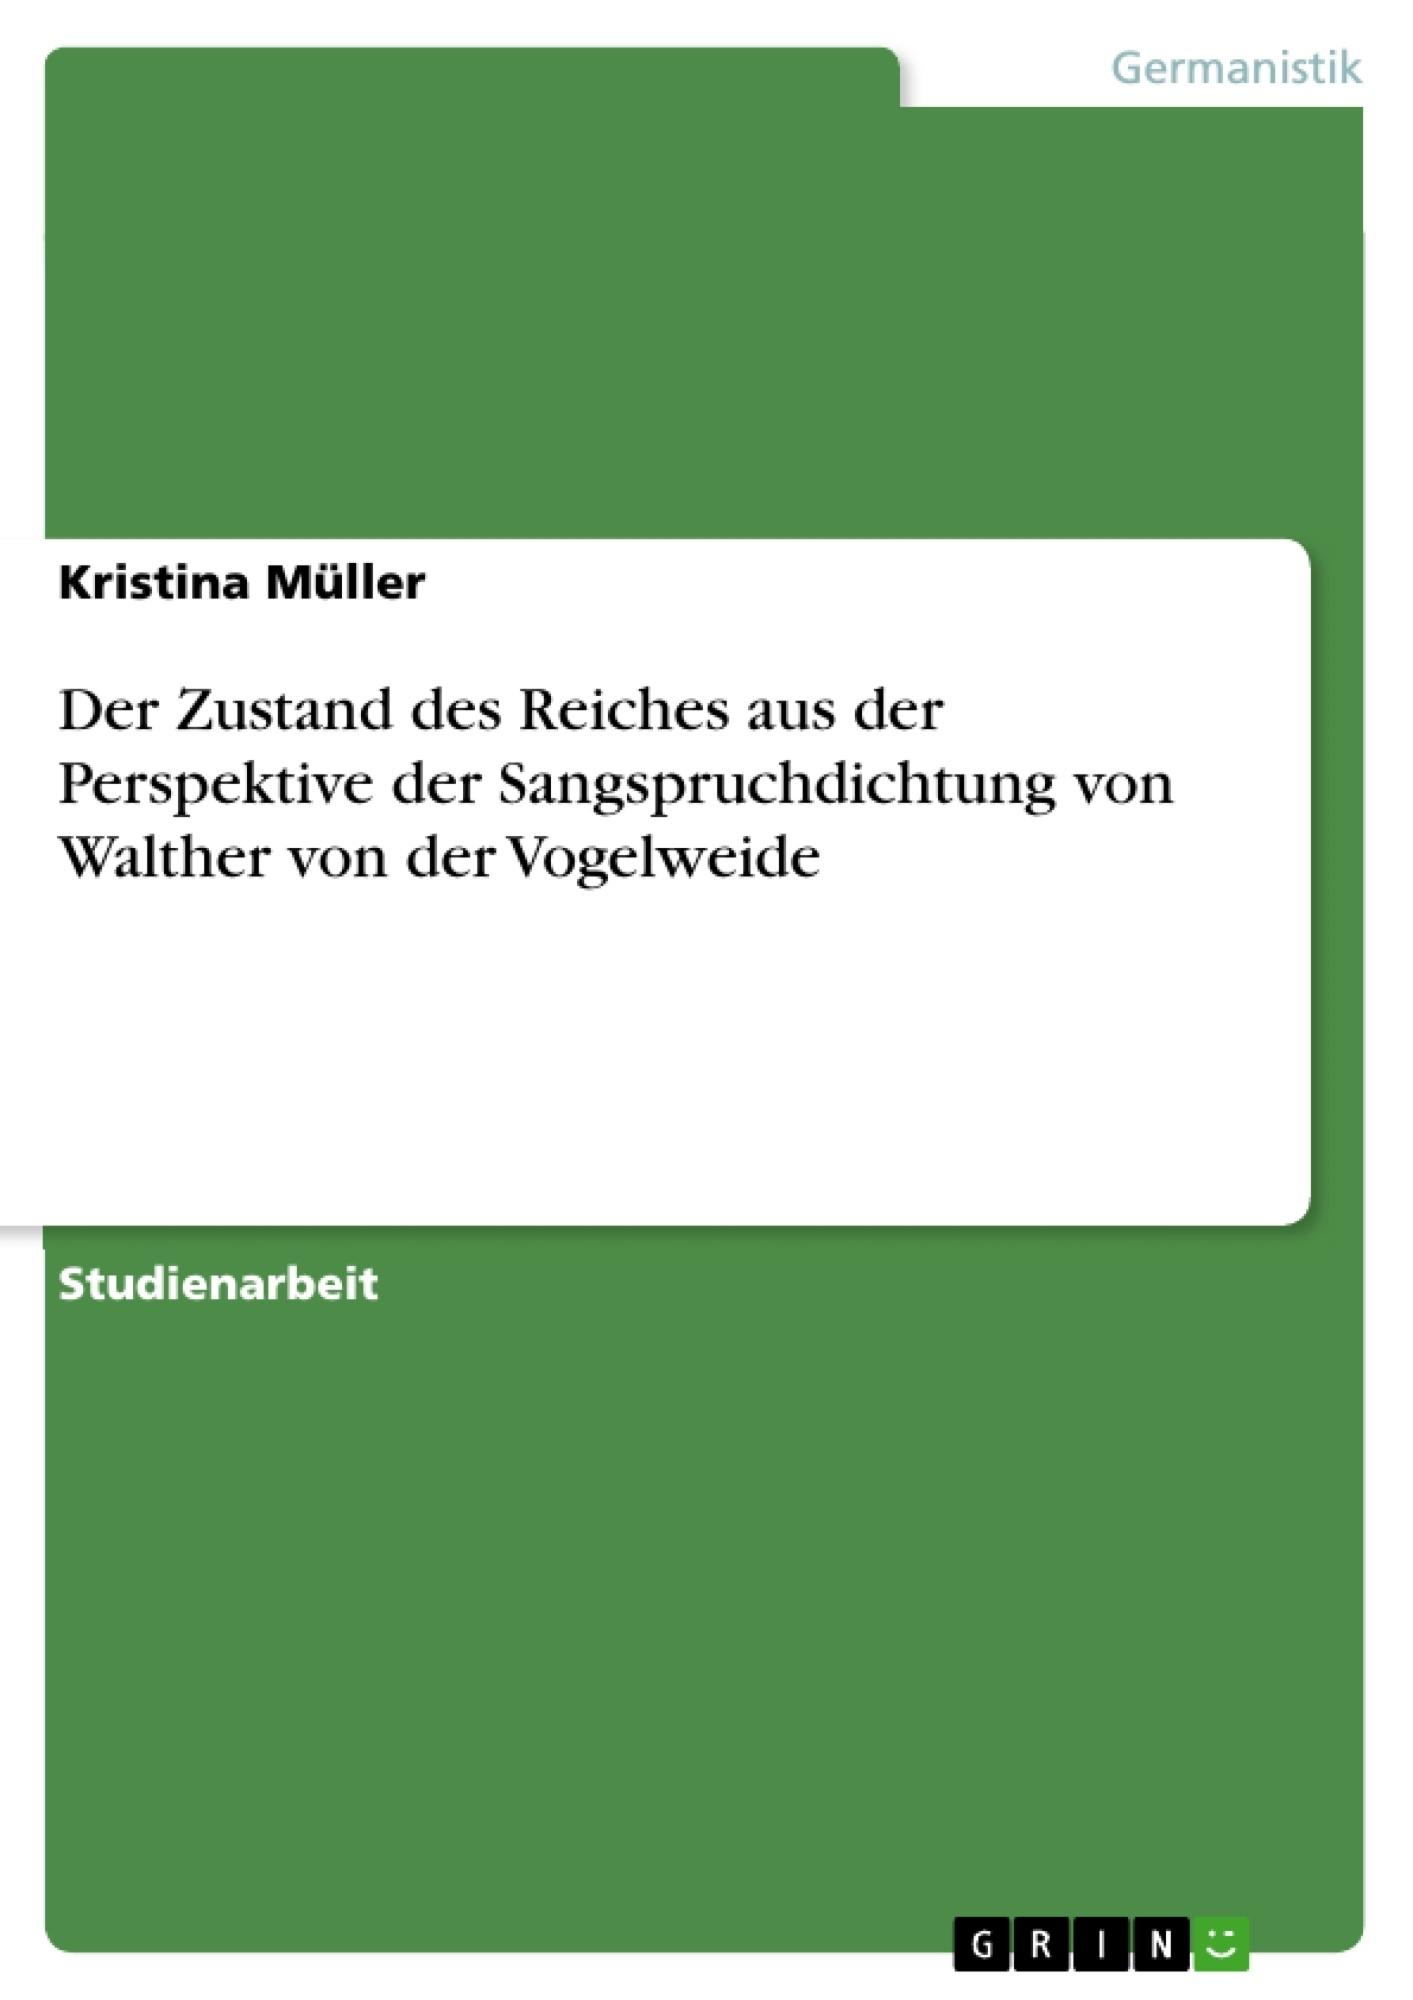 Titel: Der Zustand des Reiches aus der Perspektive der Sangspruchdichtung von Walther von der Vogelweide